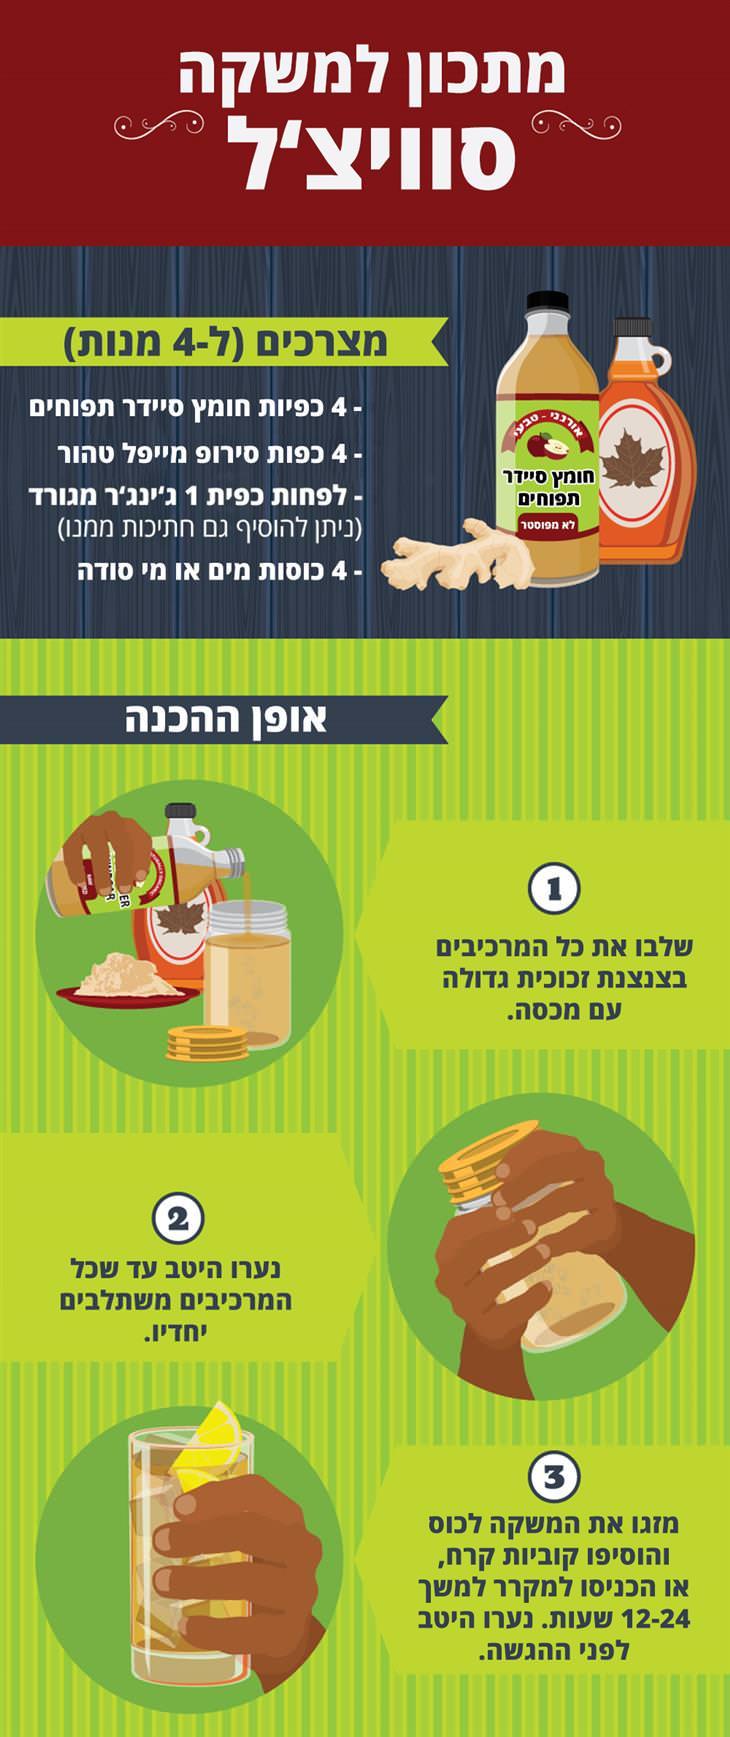 יתרונות ושימושים של חומץ תפוחים